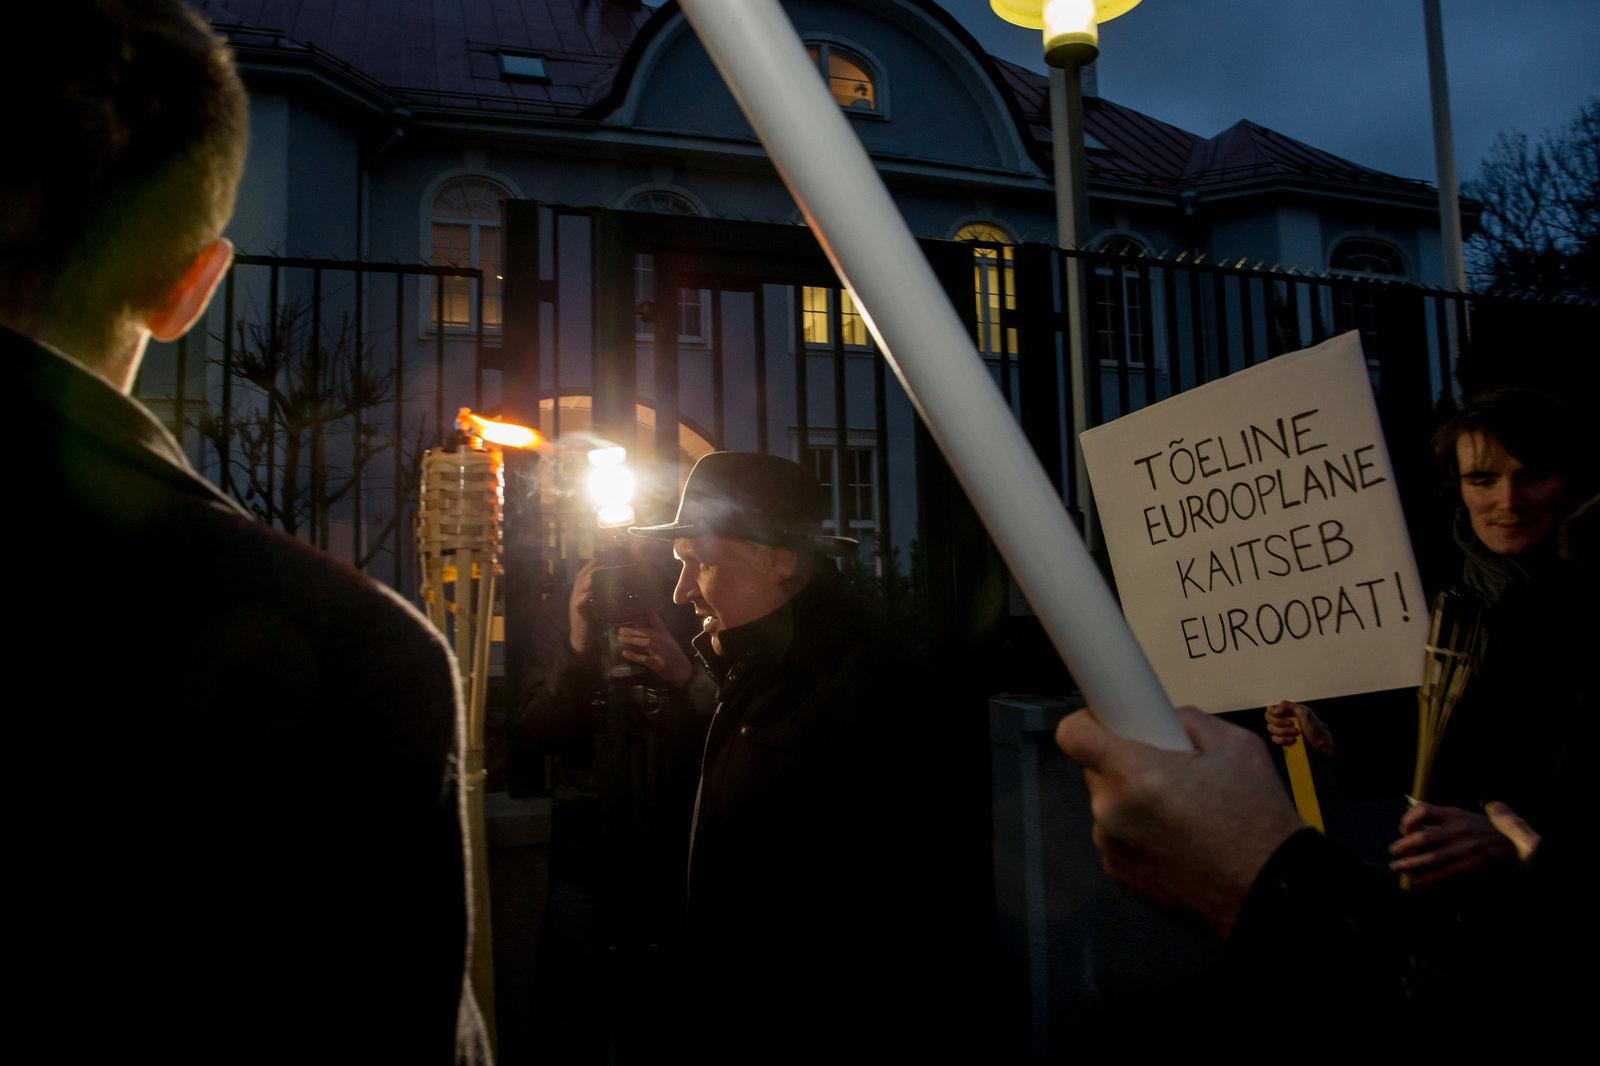 Sinise Äratuse noored protestisid Mistralide müügi vastu